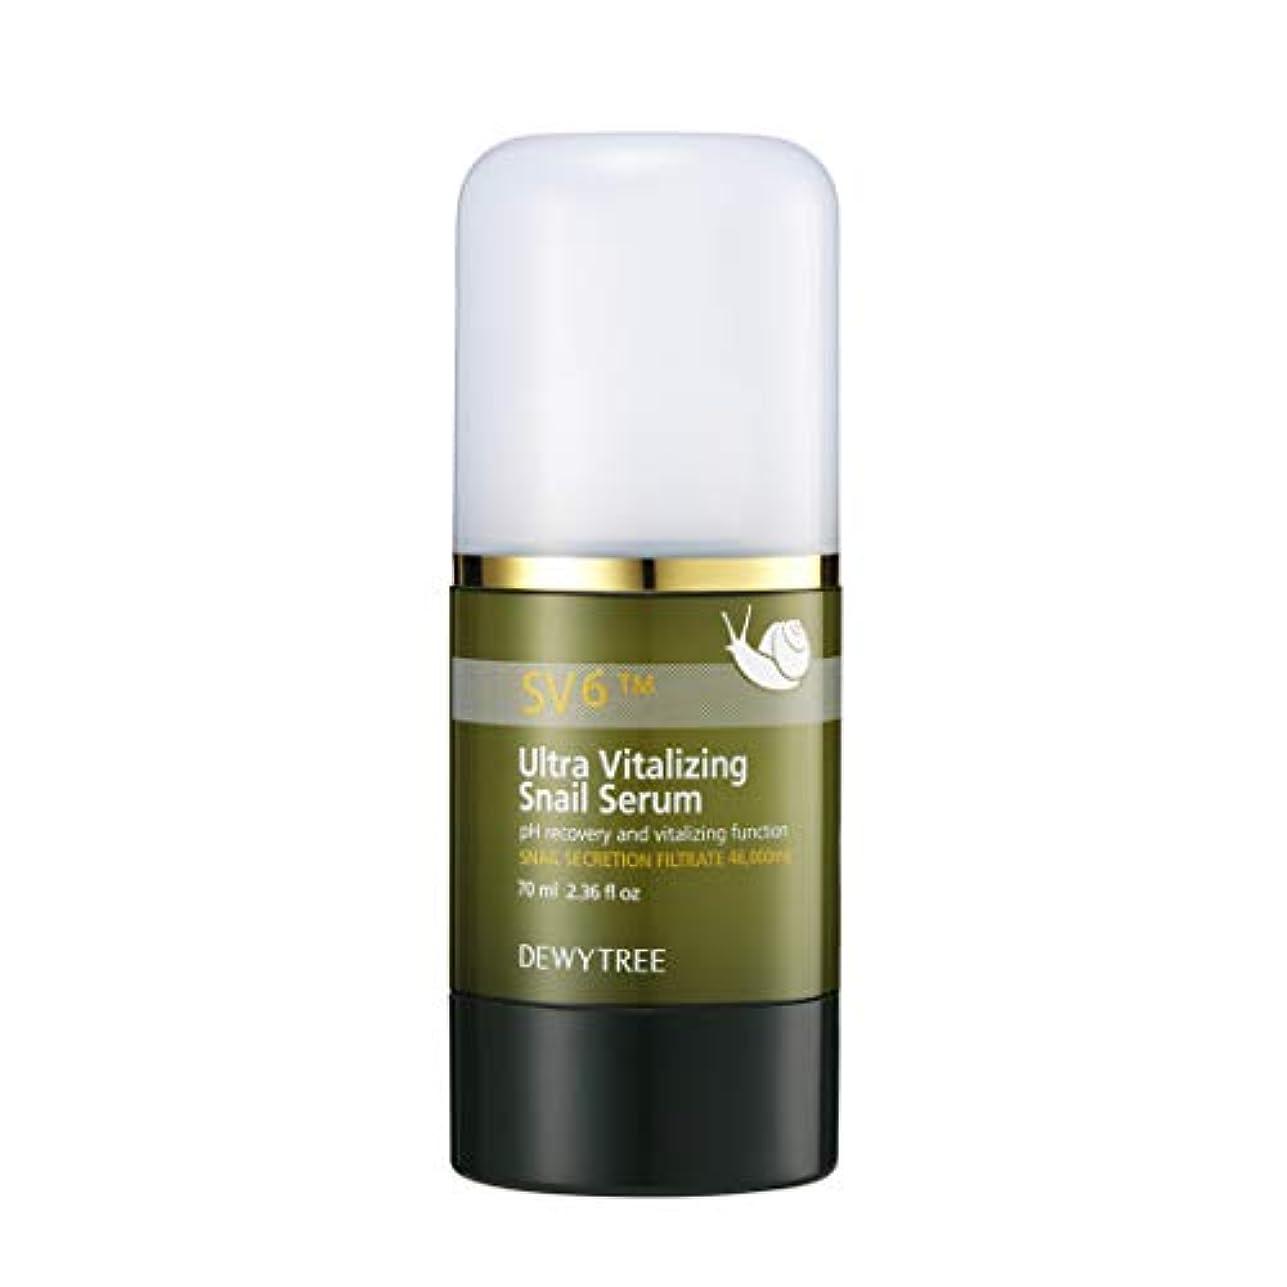 採用飼い慣らす名誉[Dewytree] デュイトゥリー ウルトラバイタルライジングスネイルセラム70ml(Ultra Vitalizing Snail Serum 70ml)【並行輸入品】